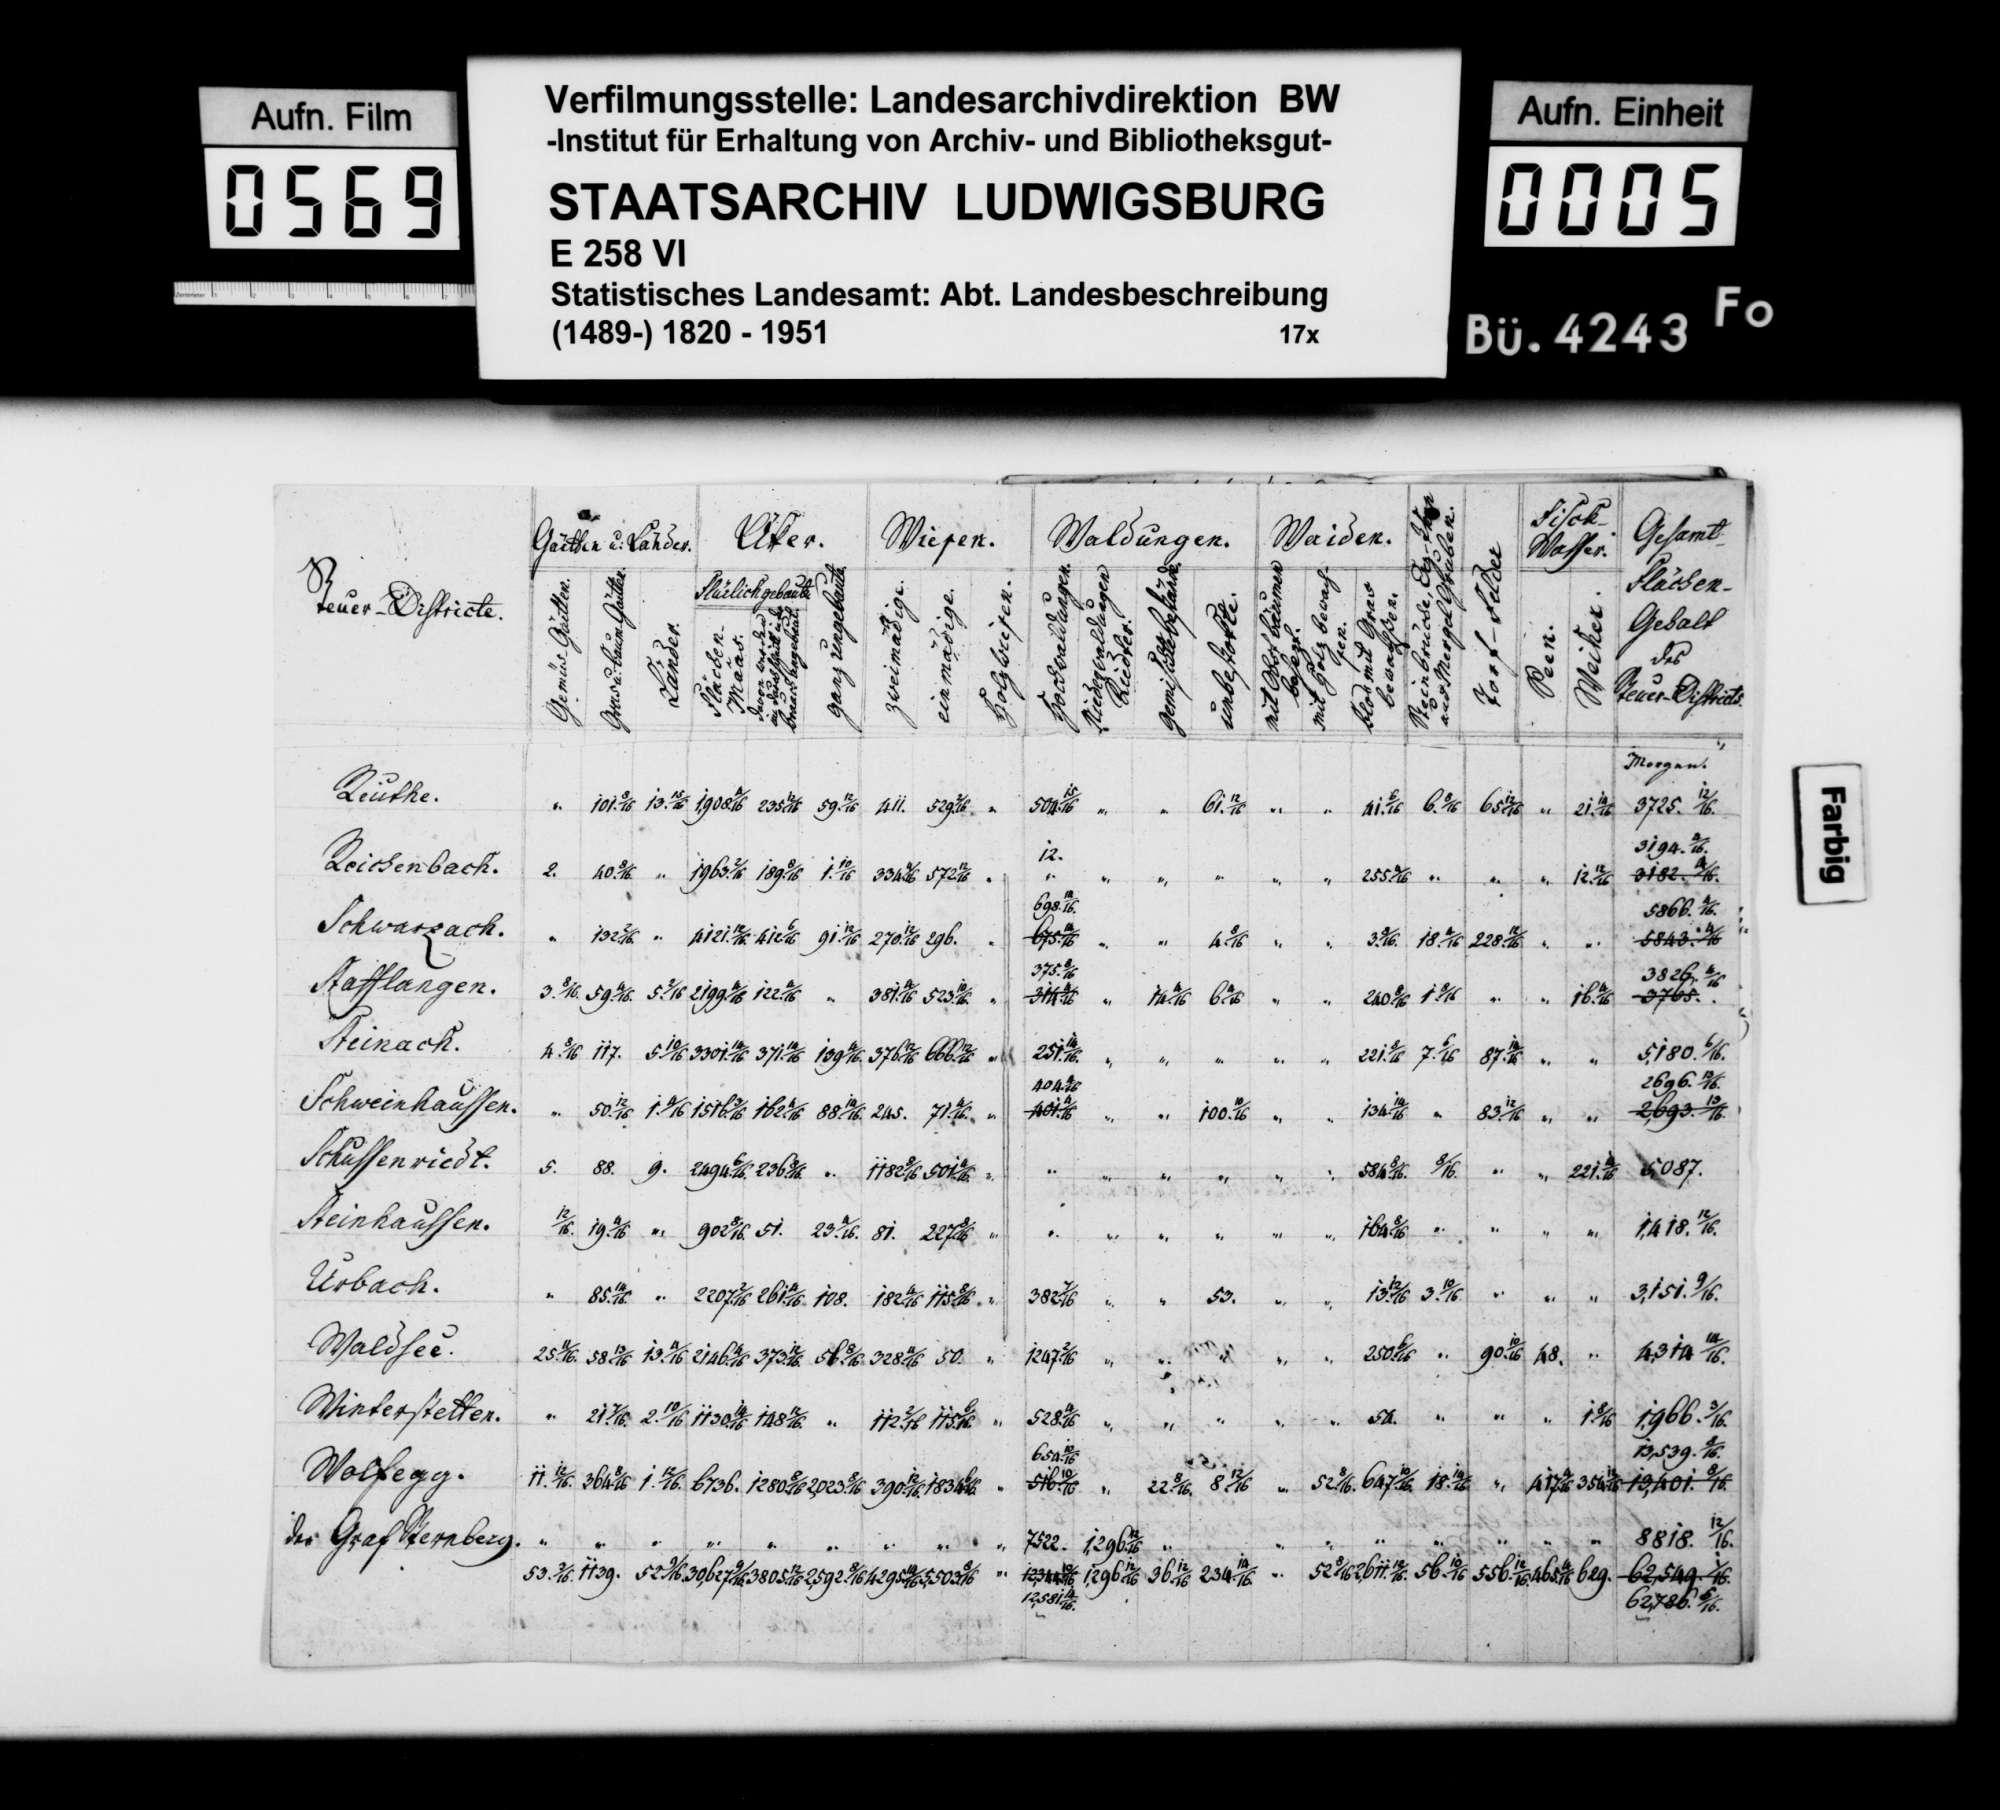 Immobilienbesitz und Flächennutzung sowie Herrschaftsrechte im Oberamt, Bild 3